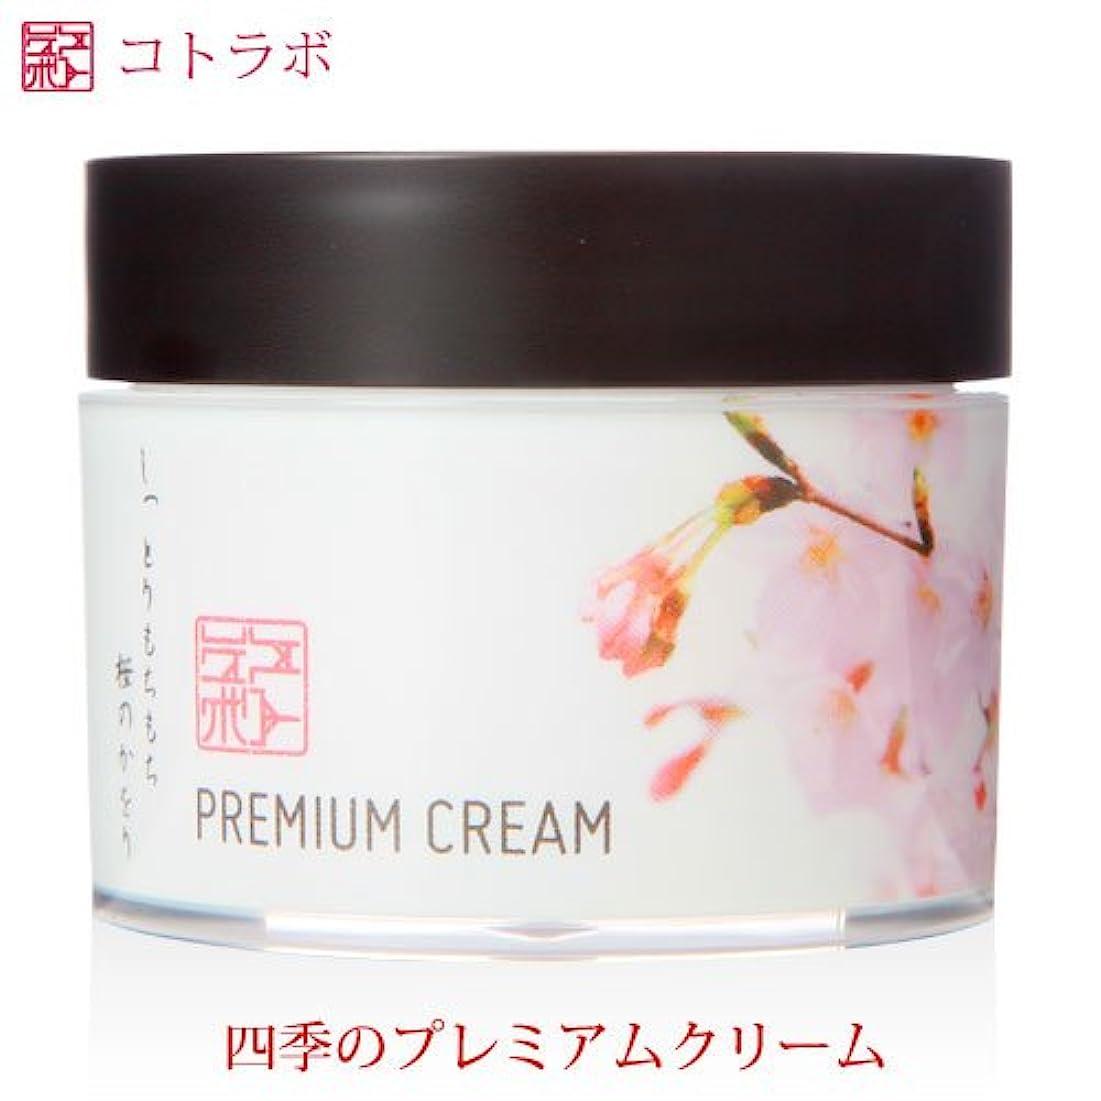 塩辛いお手伝いさん全能コトラボ 四季のプレミアムクリーム春桜の香り50g